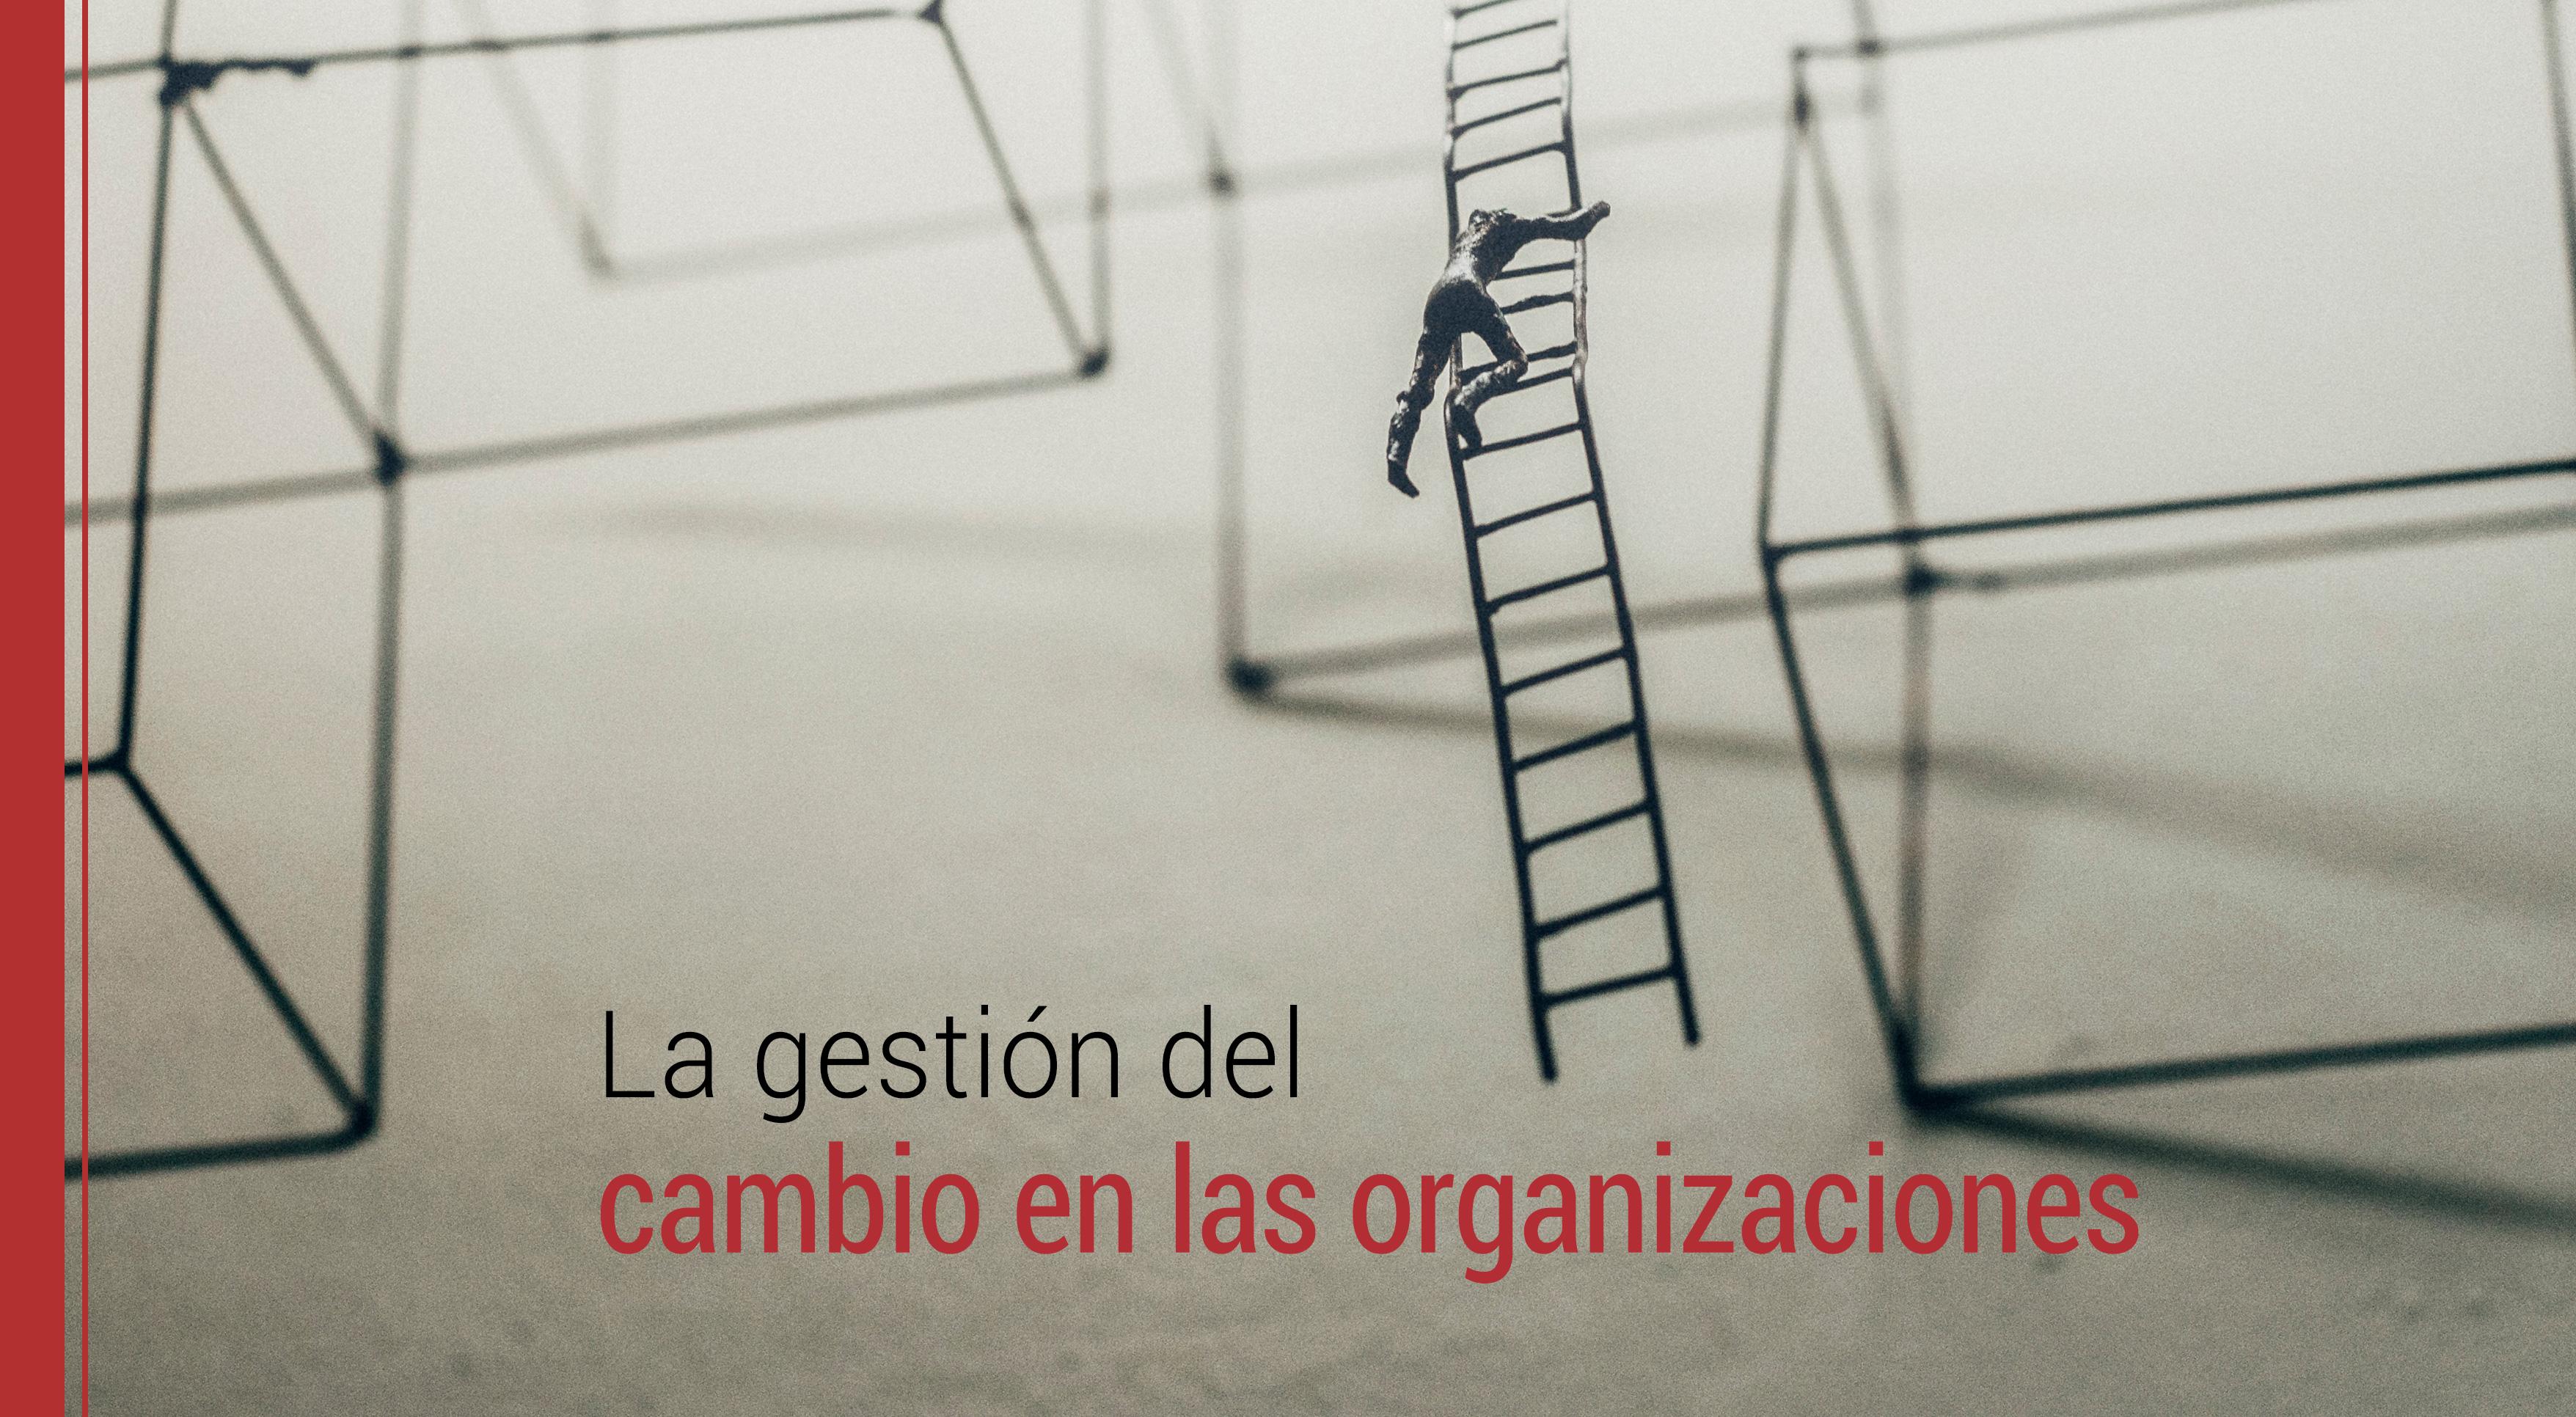 gestion-del-cambio-en-las-organizaciones La gestión del cambio en las organizaciones